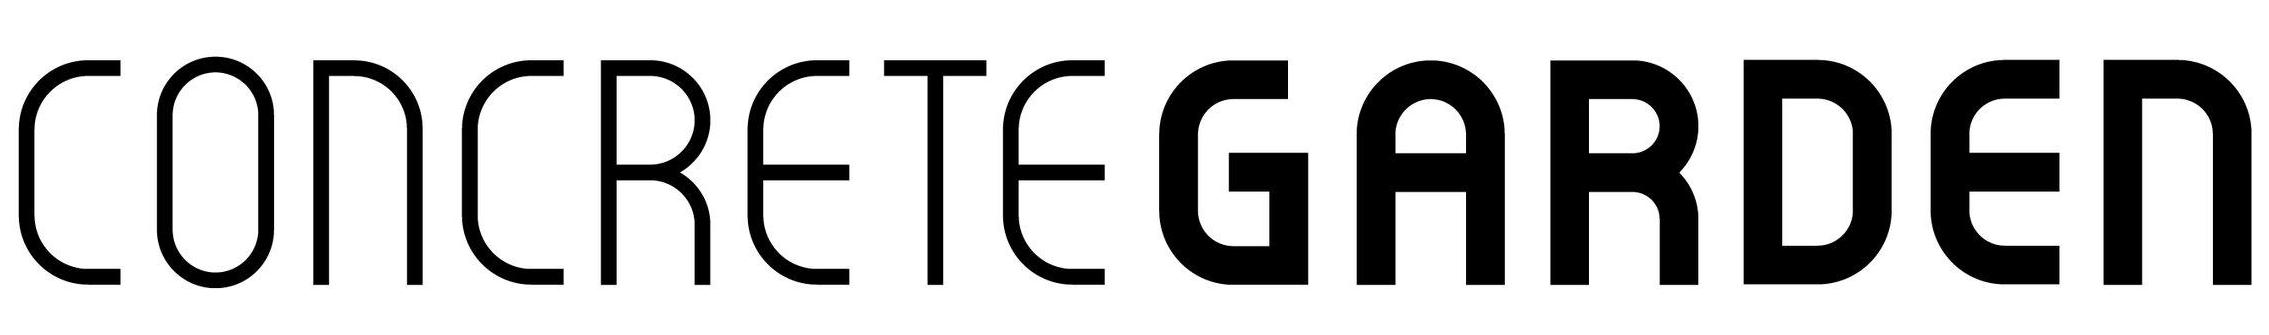 CG_concrete garden_logo_black.jpg